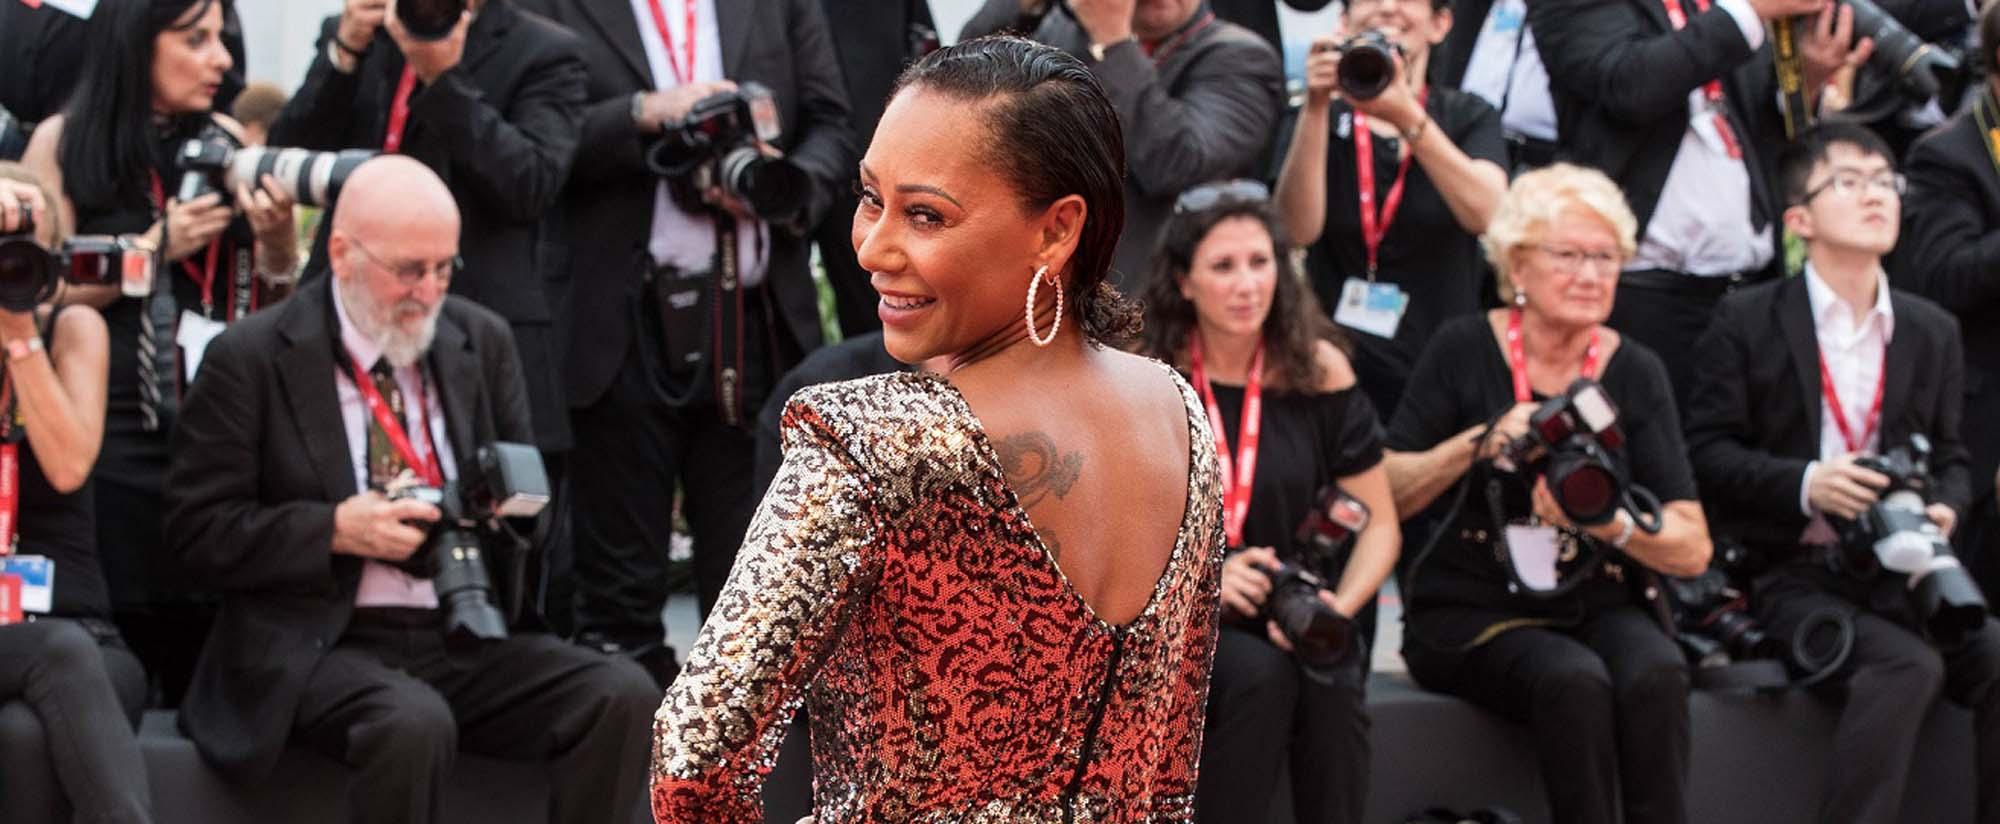 מלאני בי בפסטיבל הסרטים בוונציה בשמלה של מנילה גרייס לרשת האופנה סיליז צילום יחצ חול מאושר לשימוש (1)Fashion Israel - חדשות אופנה, כתבות אופנה, טרנדים, מגזין אופנה, אופנה -